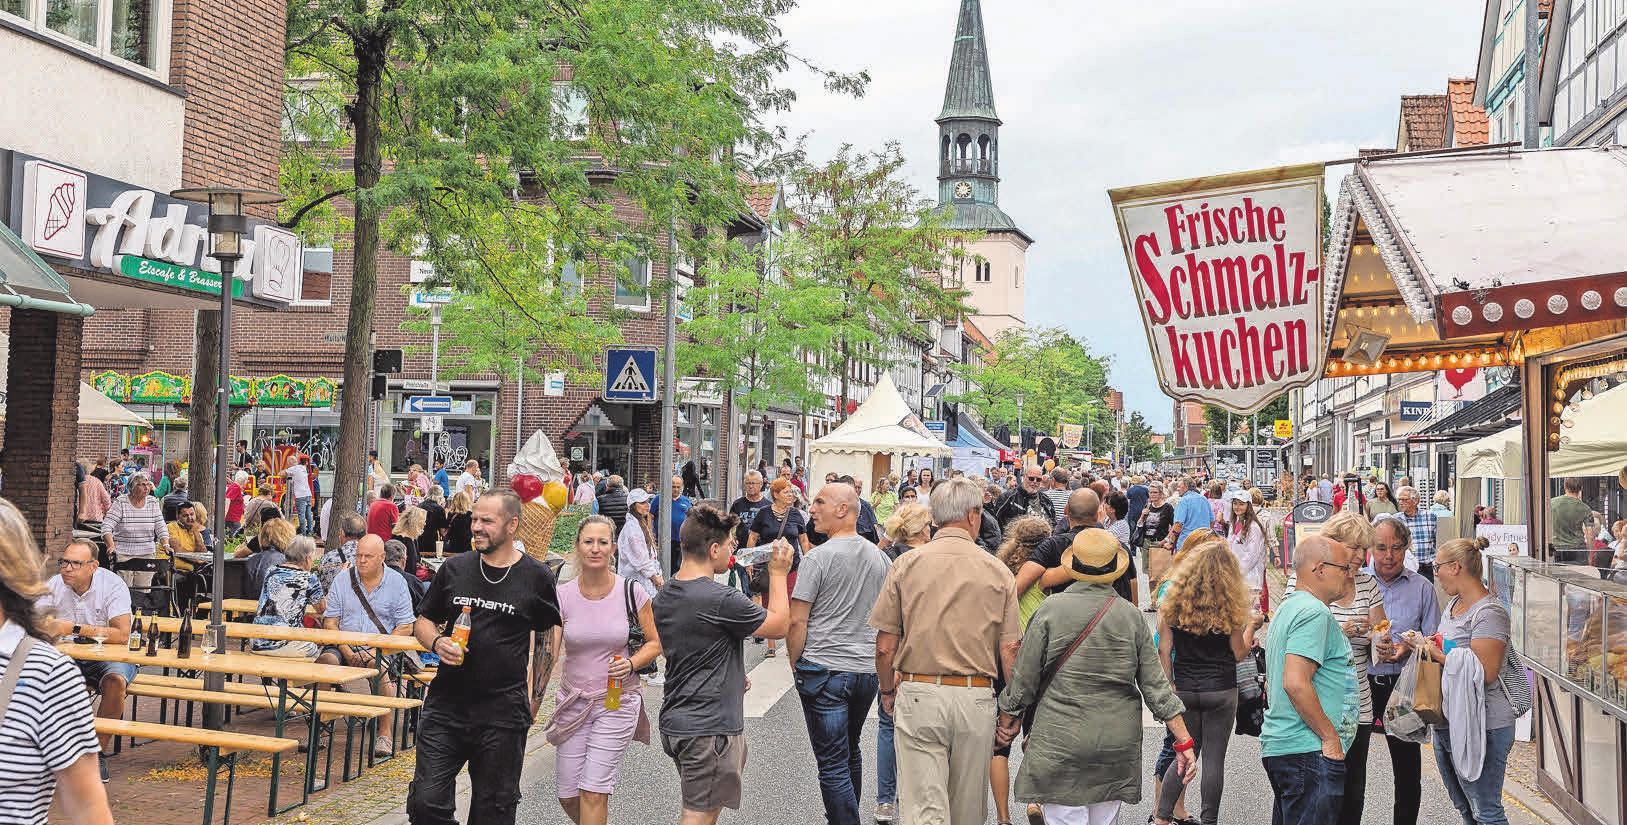 Die Stadt, die Geschäftsleute aus Burgdorf und Gewerbetreibende freuen sich auf die Besucher und Besucherinnen.